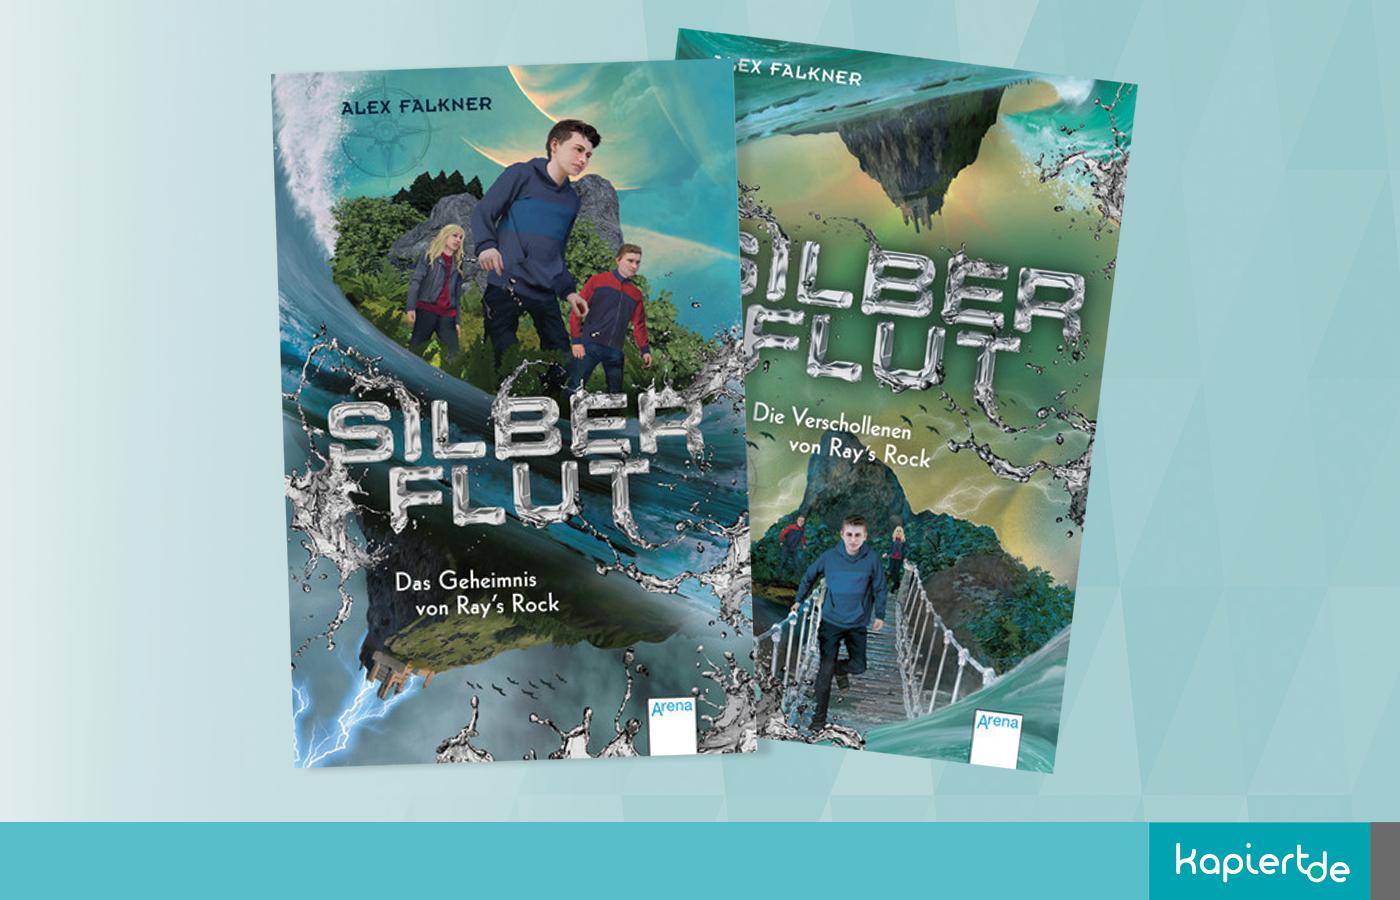 Silberflut 1 + 2 von Alex Falkner